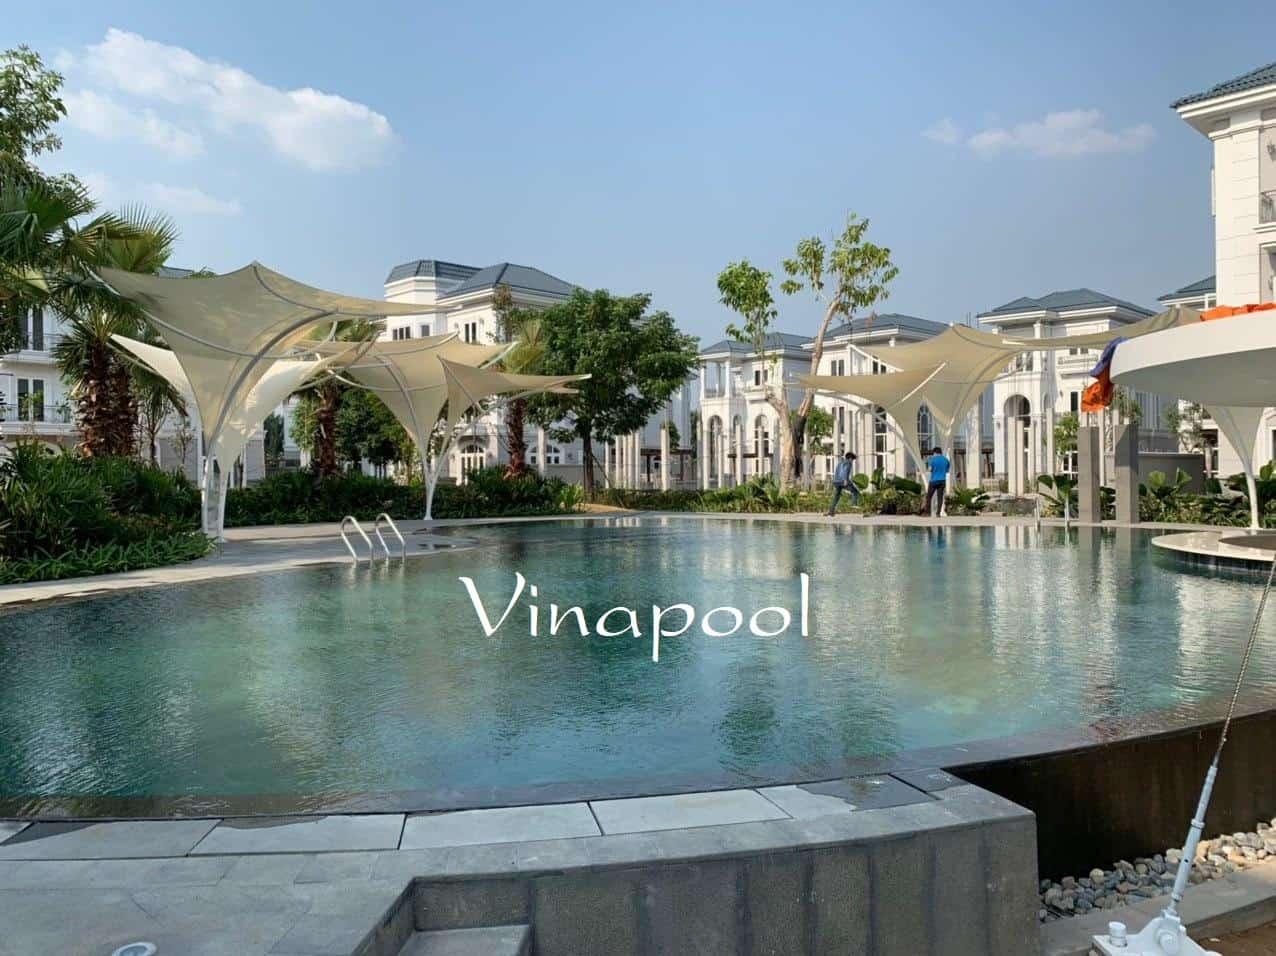 VianPool photo_2020-01-19_23-39-39